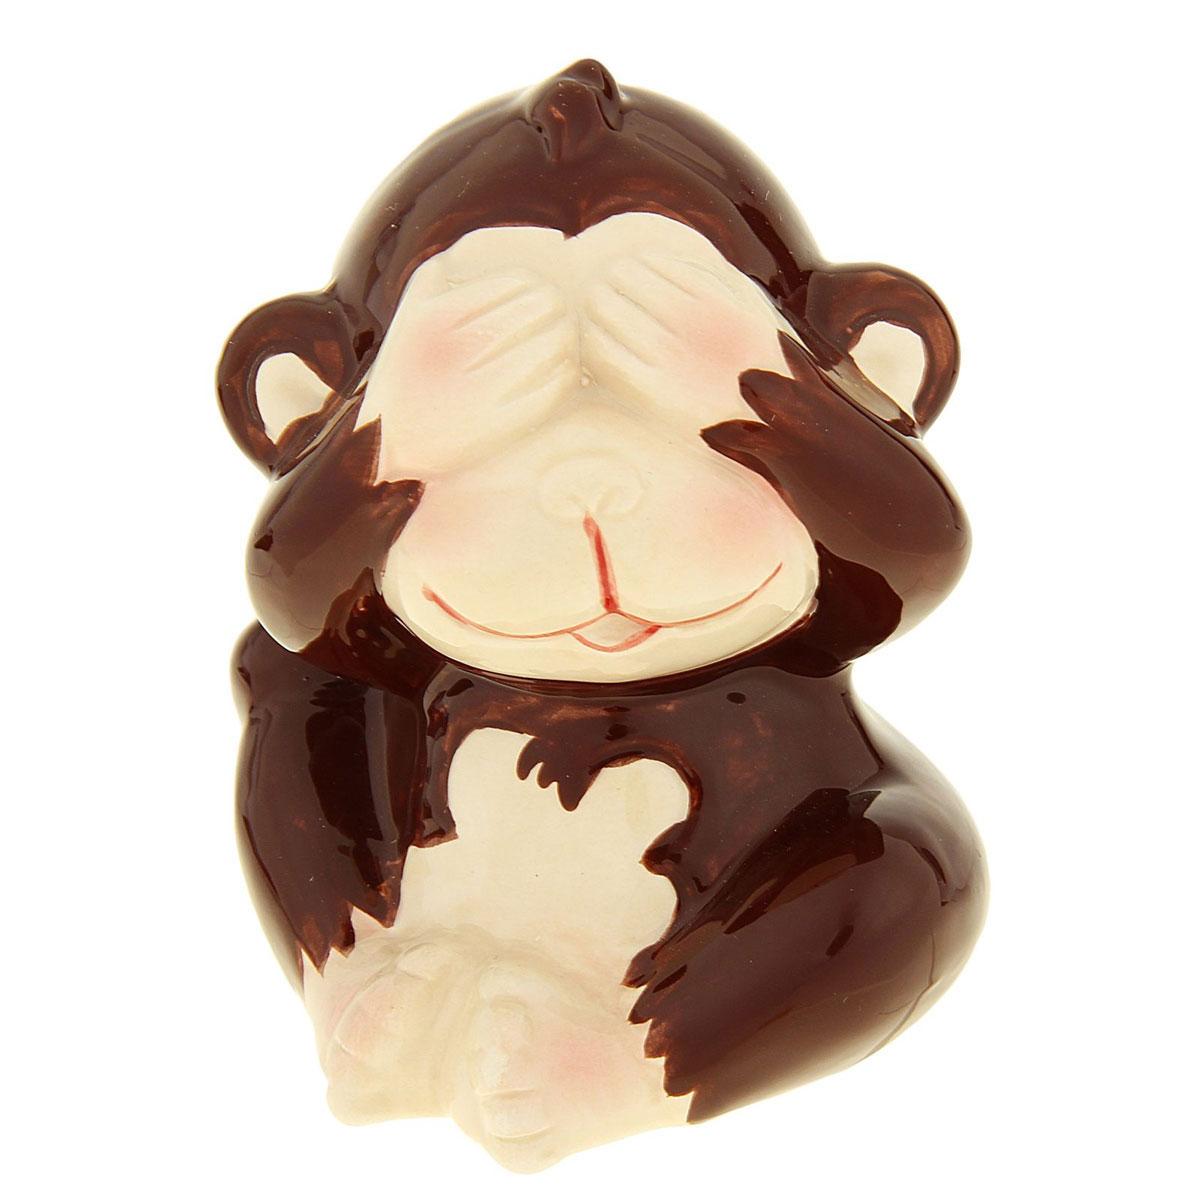 Сувенир Sima-land Обезьянка игривая, высота 8,5 см1056095_коричневыйСувенир Sima-land Обезьянка игривая выполнен из высококачественной керамики в виде забавной обезьянки, закрывающей лапками глаза. Такой сувенир станет отличным подарком родным или друзьям на Новый год, а также он украсит интерьер вашего дома или офиса.